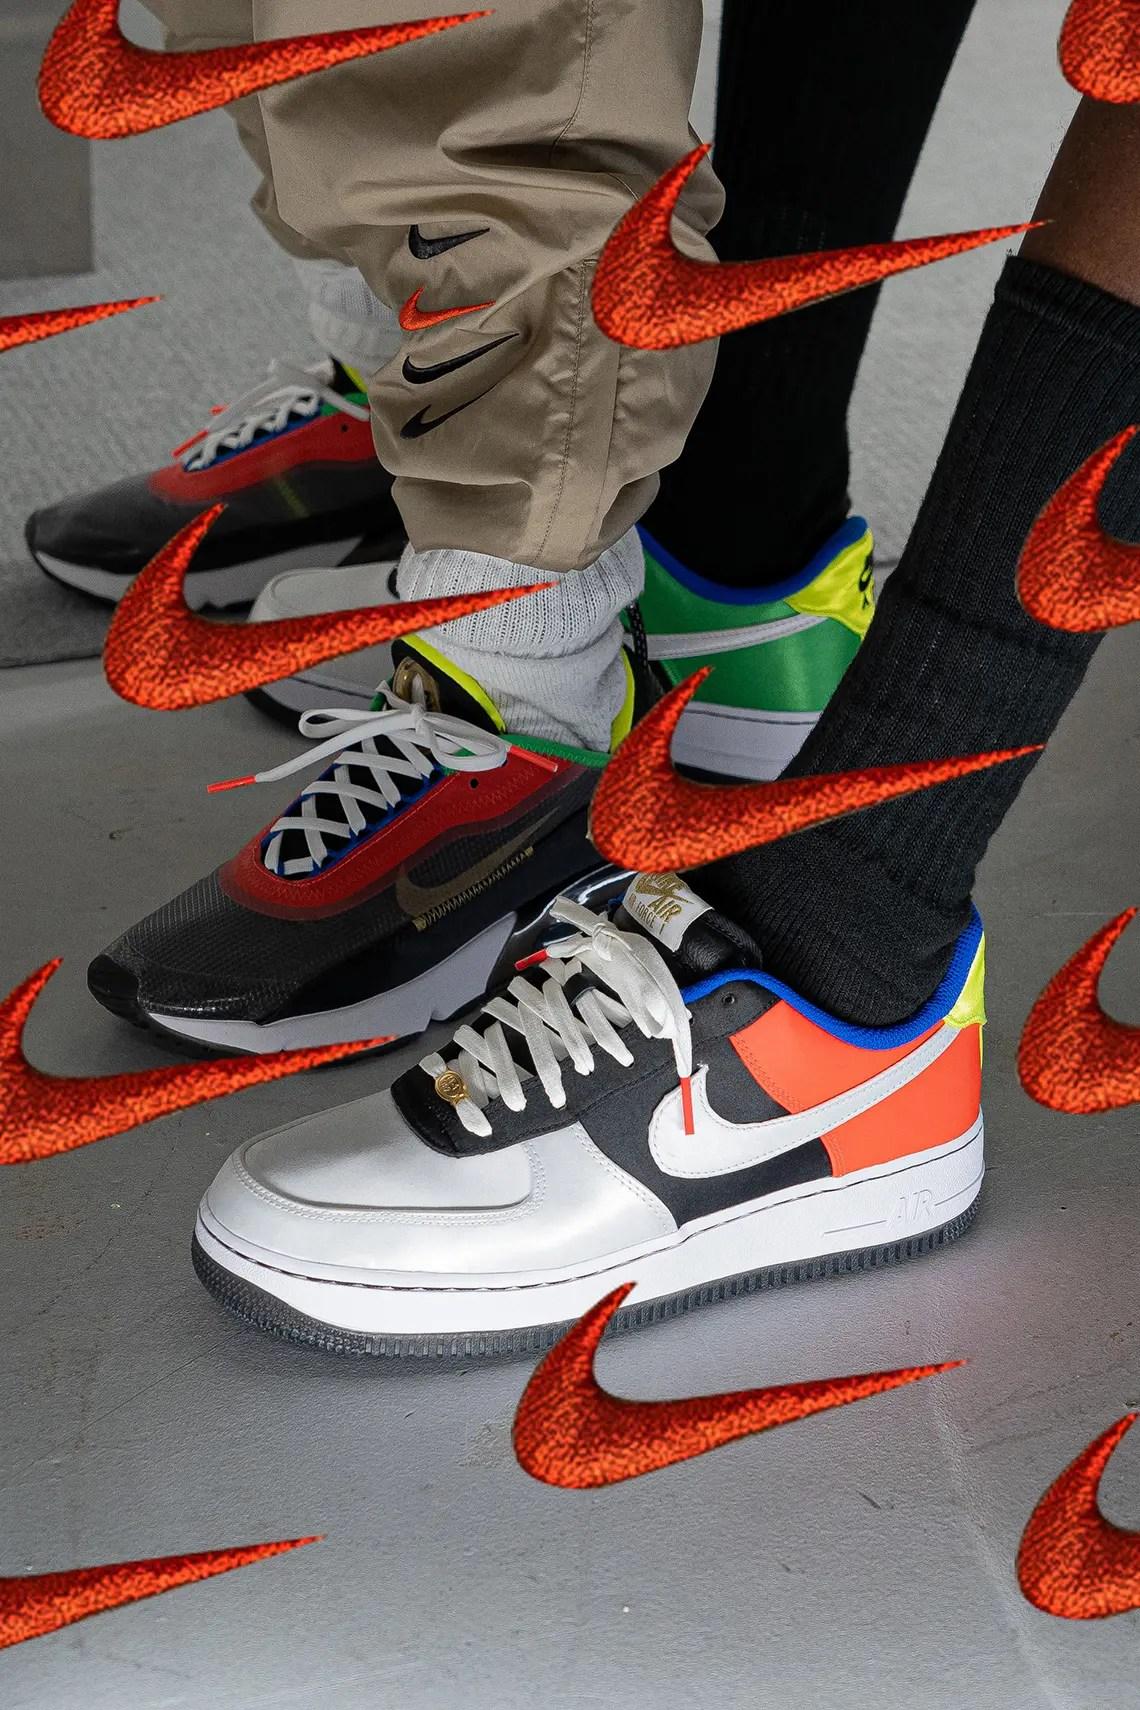 """BAIT Japan × Nike """"Hidden Message"""" Pack (日本限定 ナイキ """"ヒドゥン メッセージ"""" パック) DA1344-014, DA1345-014, CZ8698-074 air max 95 air force 1 air max 2090"""